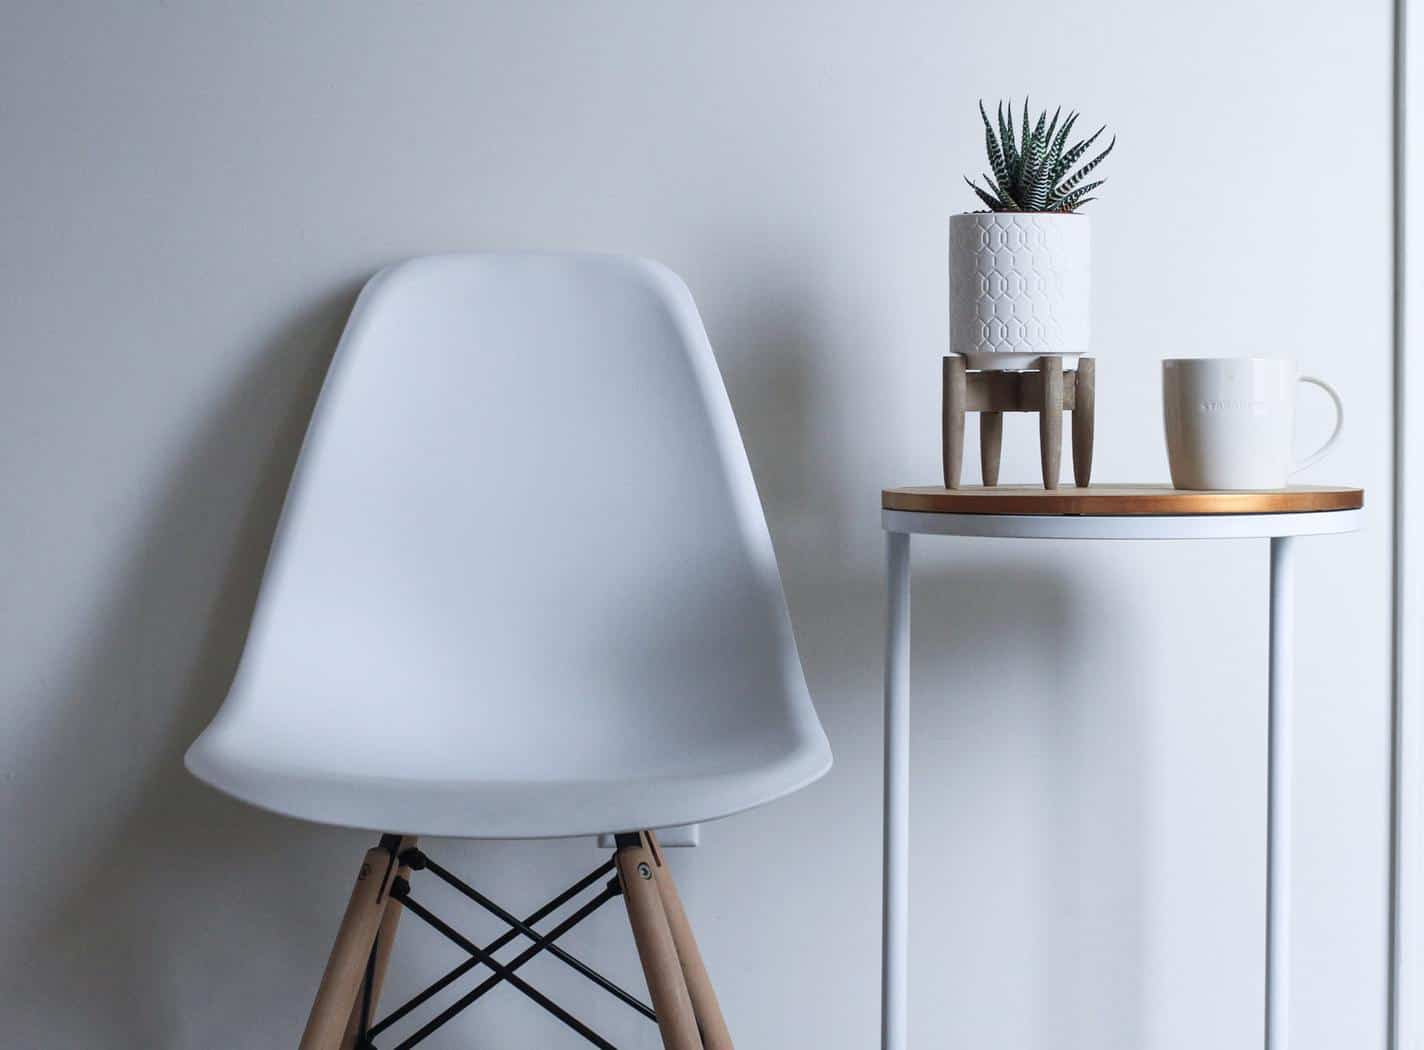 Skandinavisches Design zeichnet sich durch einen minimalistischen, klaren Ansatz aus